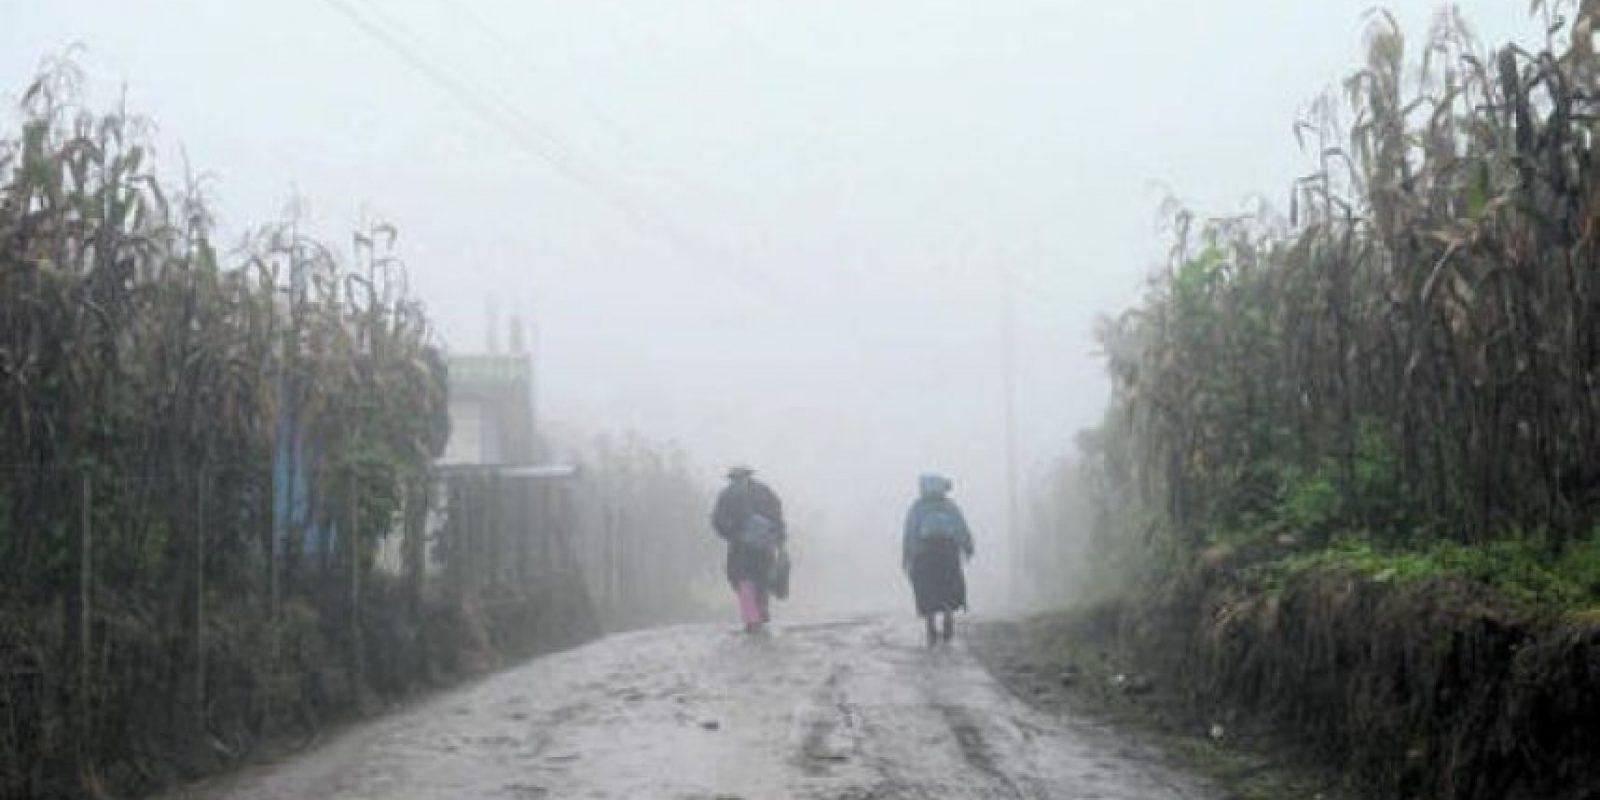 El área del altiplano (Sololá, Quetzaltenango, Huehuetenango, San Marcos y Quiché) registrará las menores temperaturas durante los próximos meses.